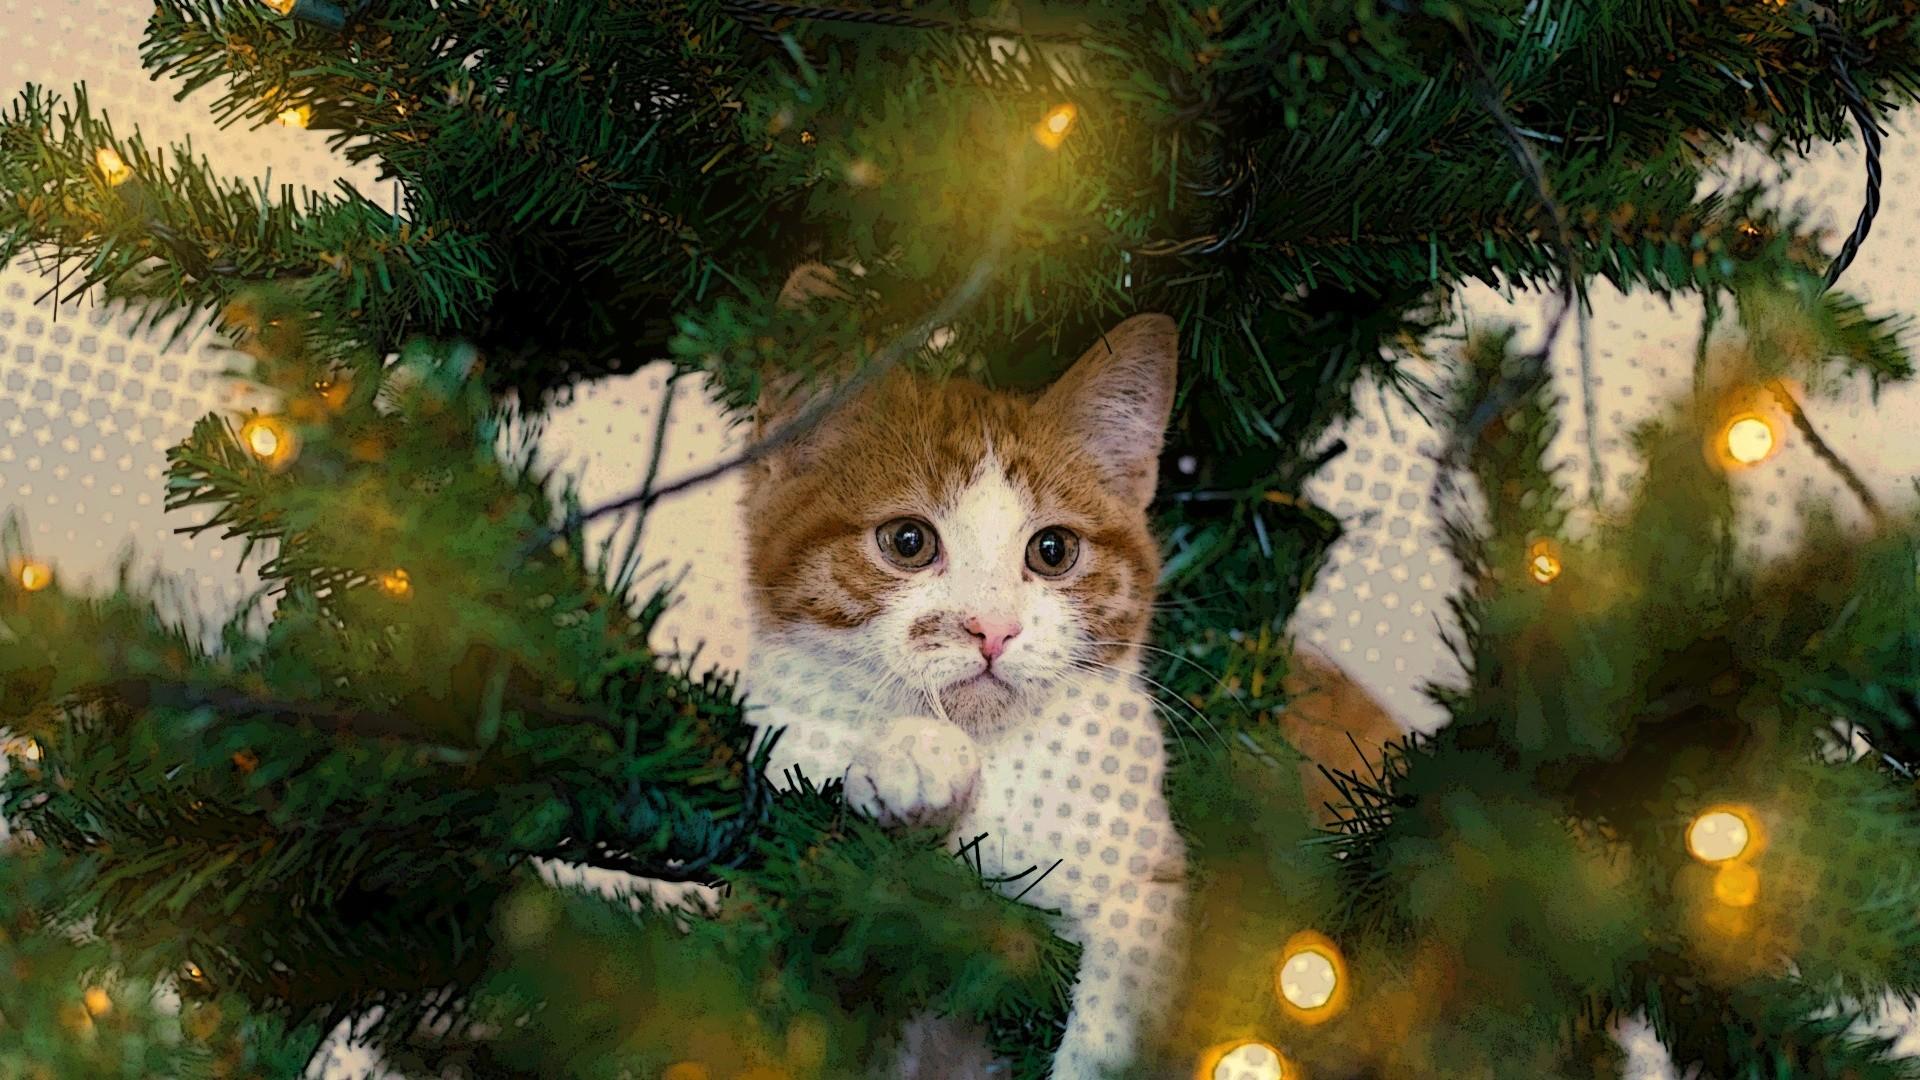 'Natale da gatti', il racconto di Natale di Valeria Serofilli all'insegna del perseguimento del bene